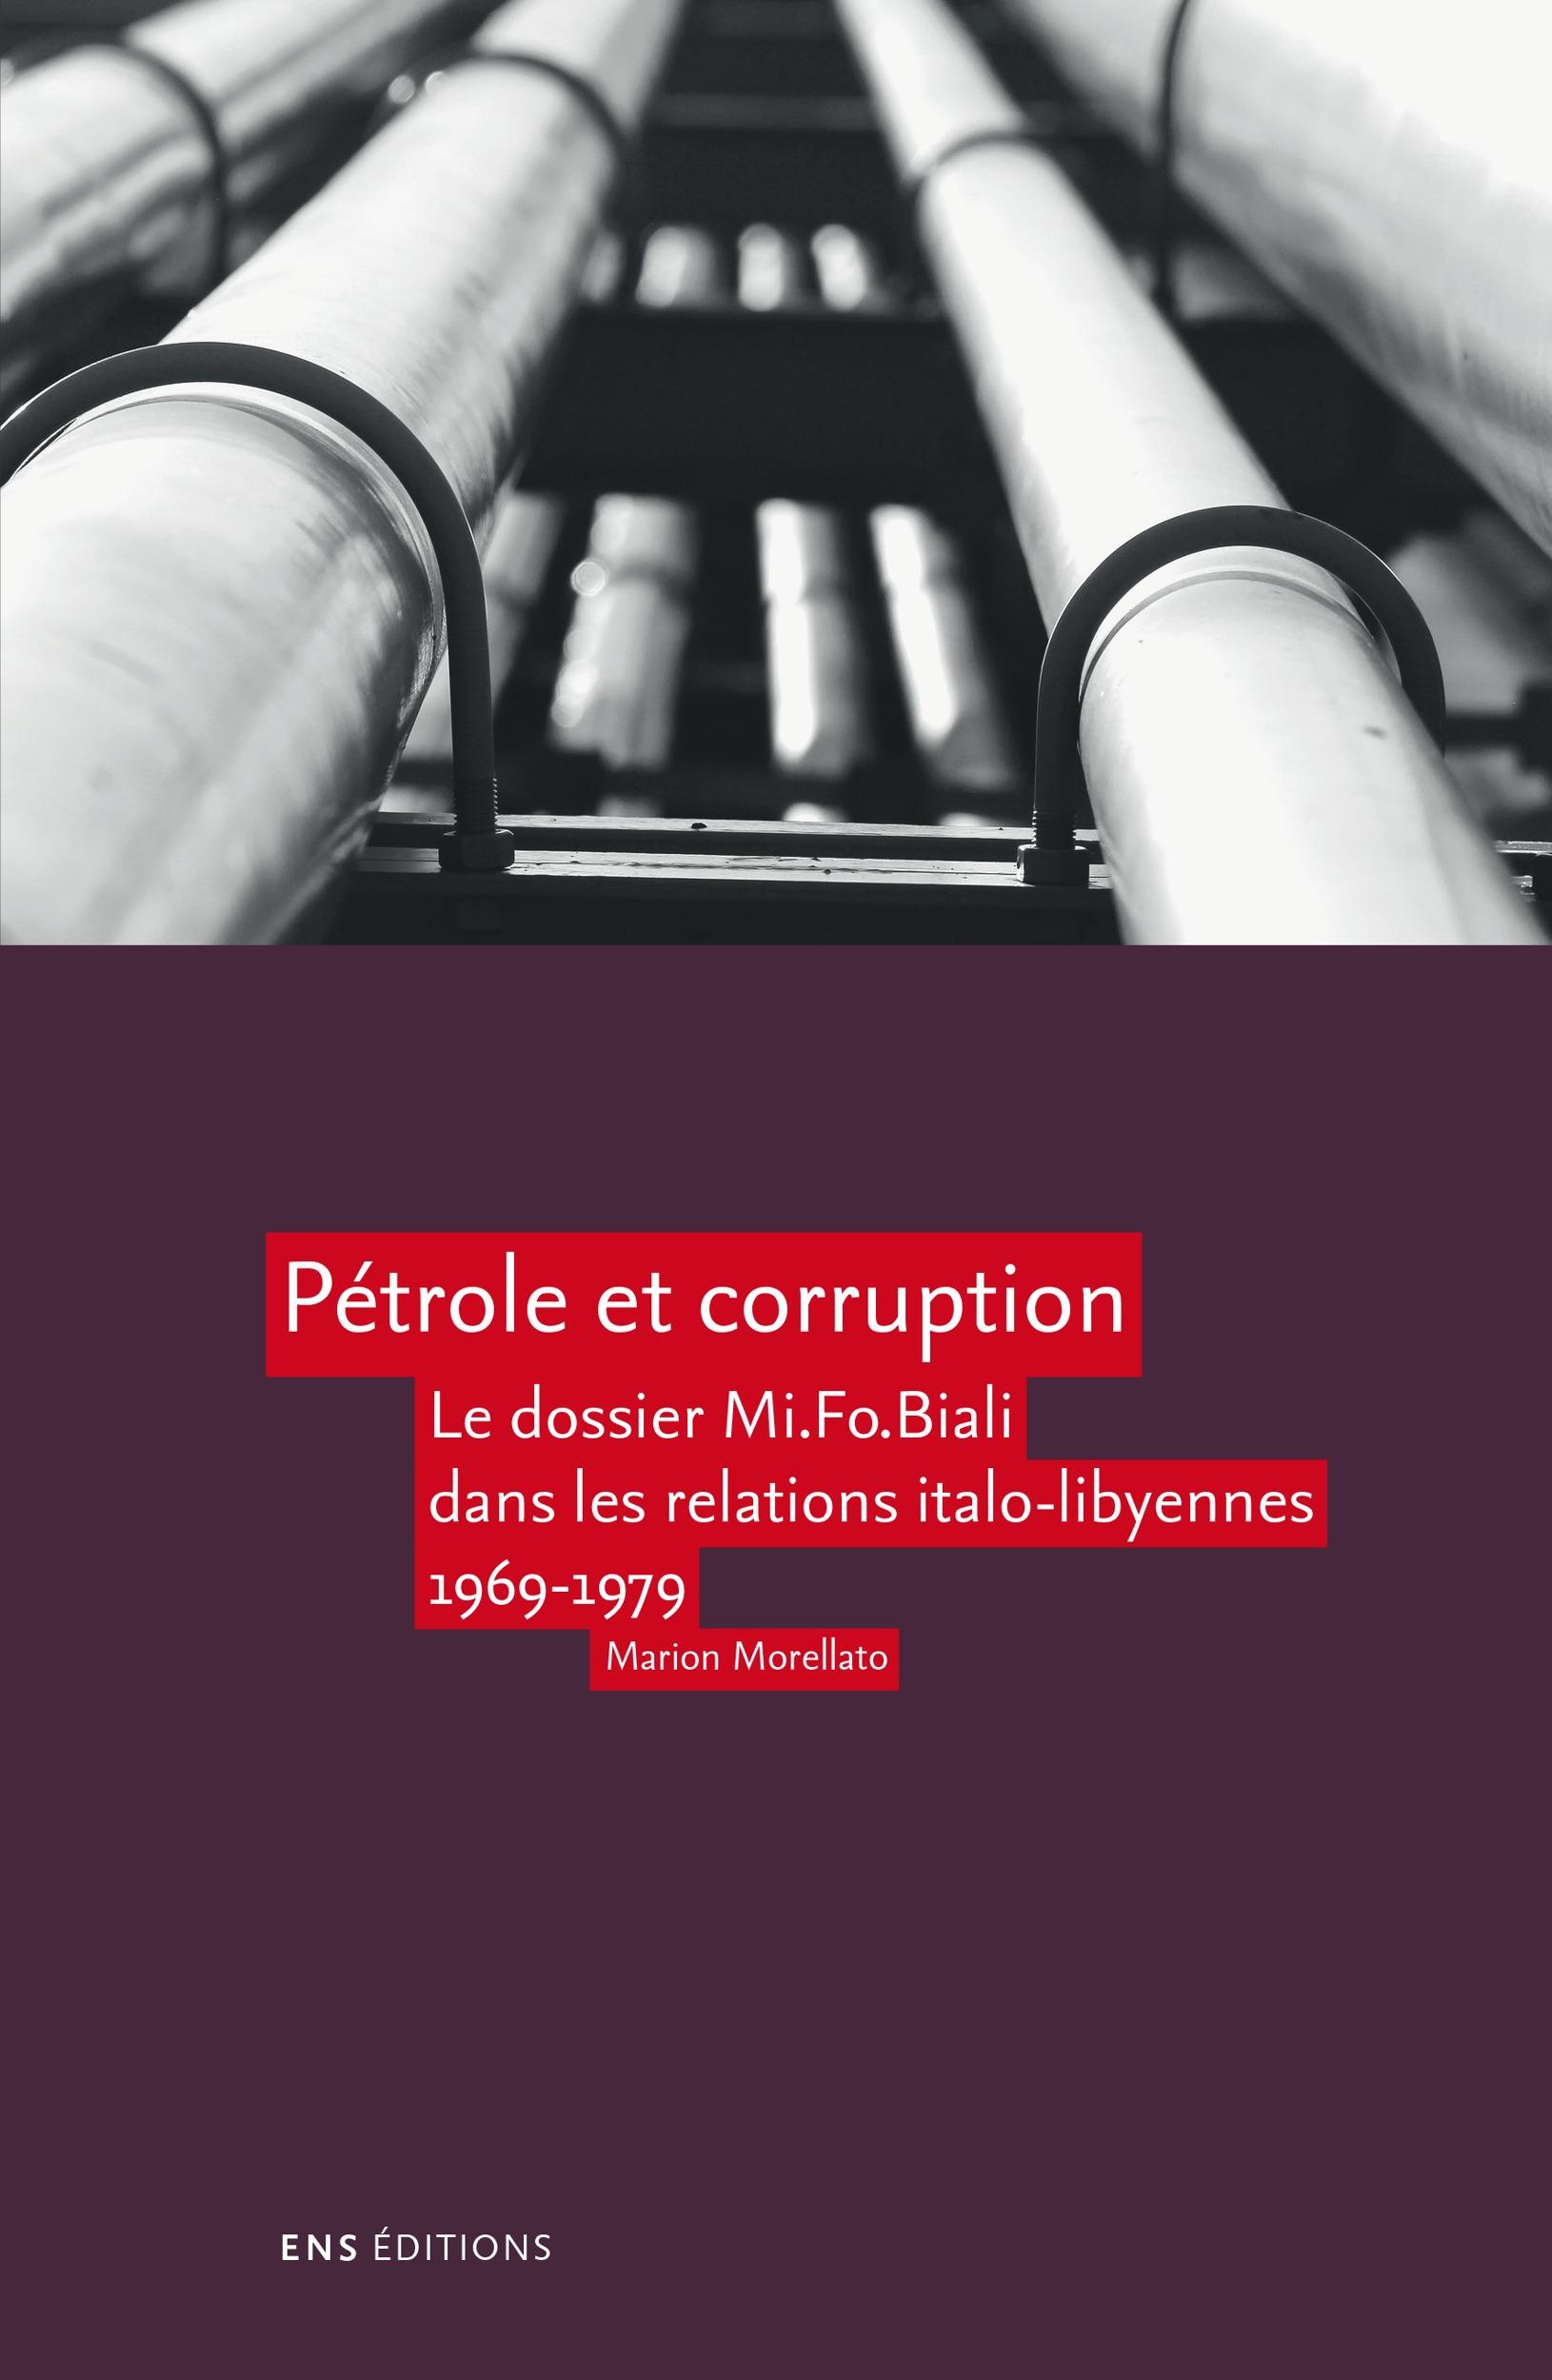 Pétrole et corruption ; la place du dossier Mi. Fo. Biali dans les relations italo-lybiennes (1969-1979)